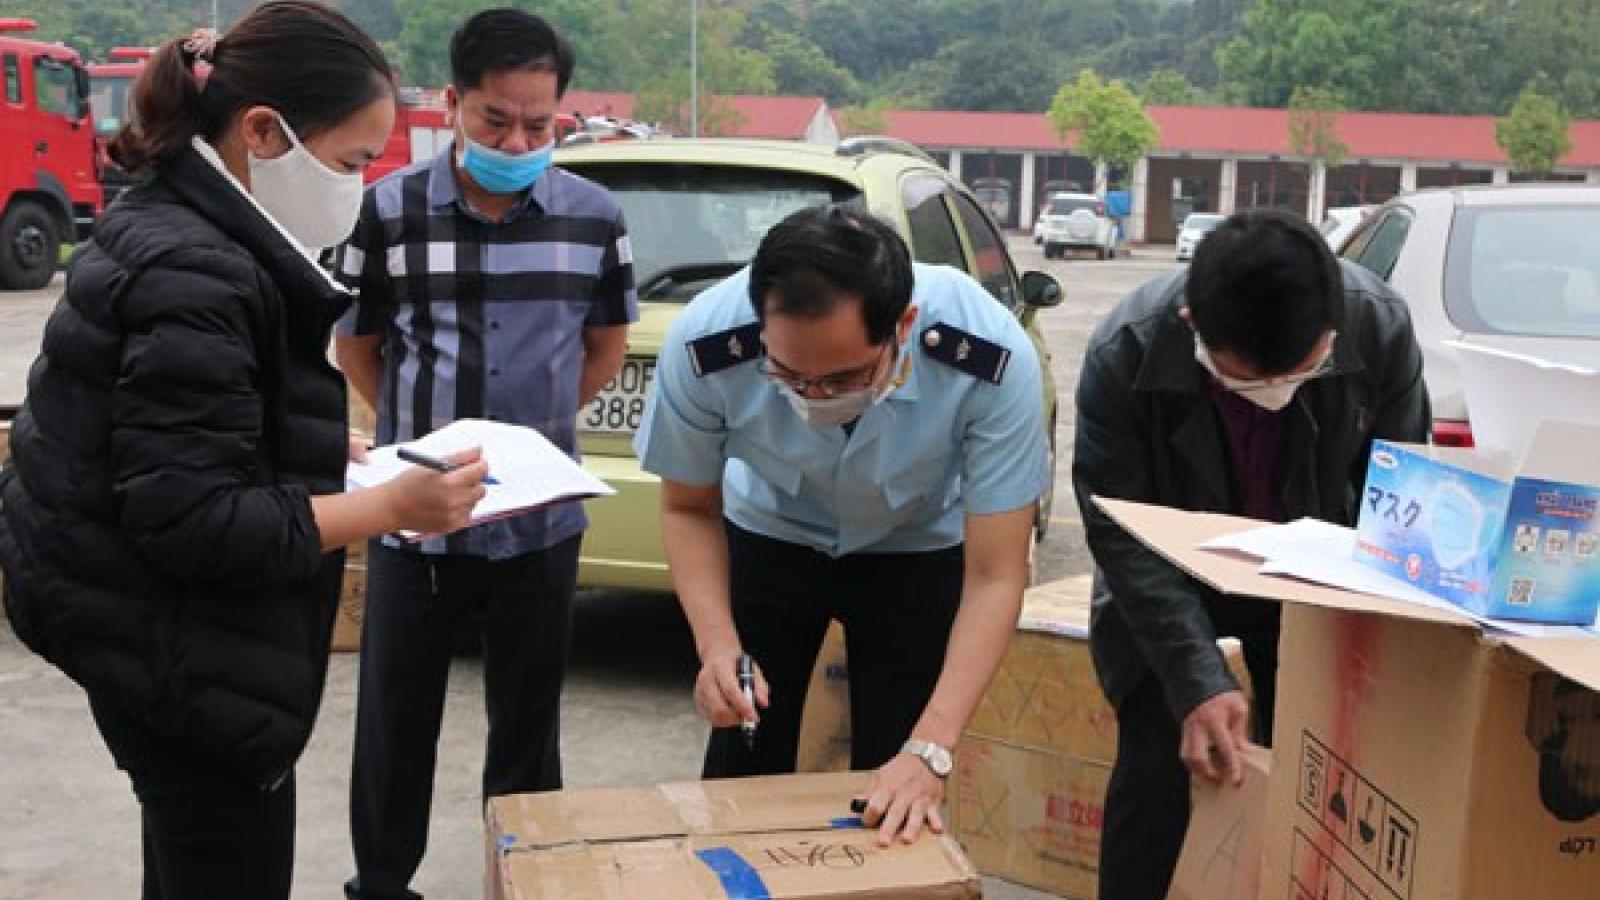 Chủ lô hàng tập kết 1 triệu khẩu trang ở cửa khẩu Lào Cai bị phạt